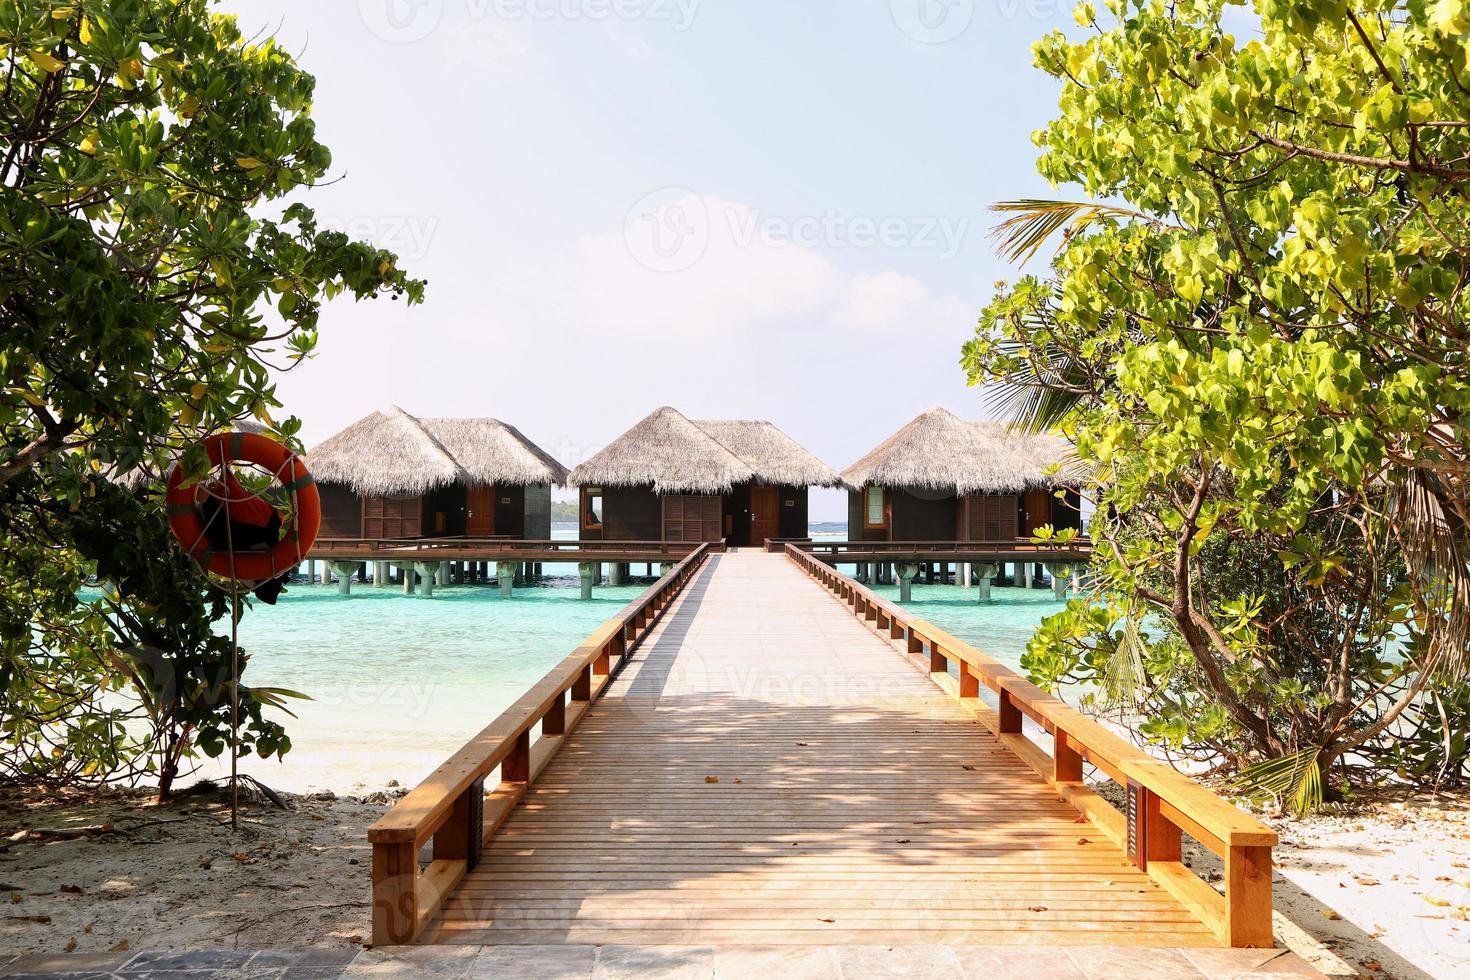 belle case di legno alle Maldive foto